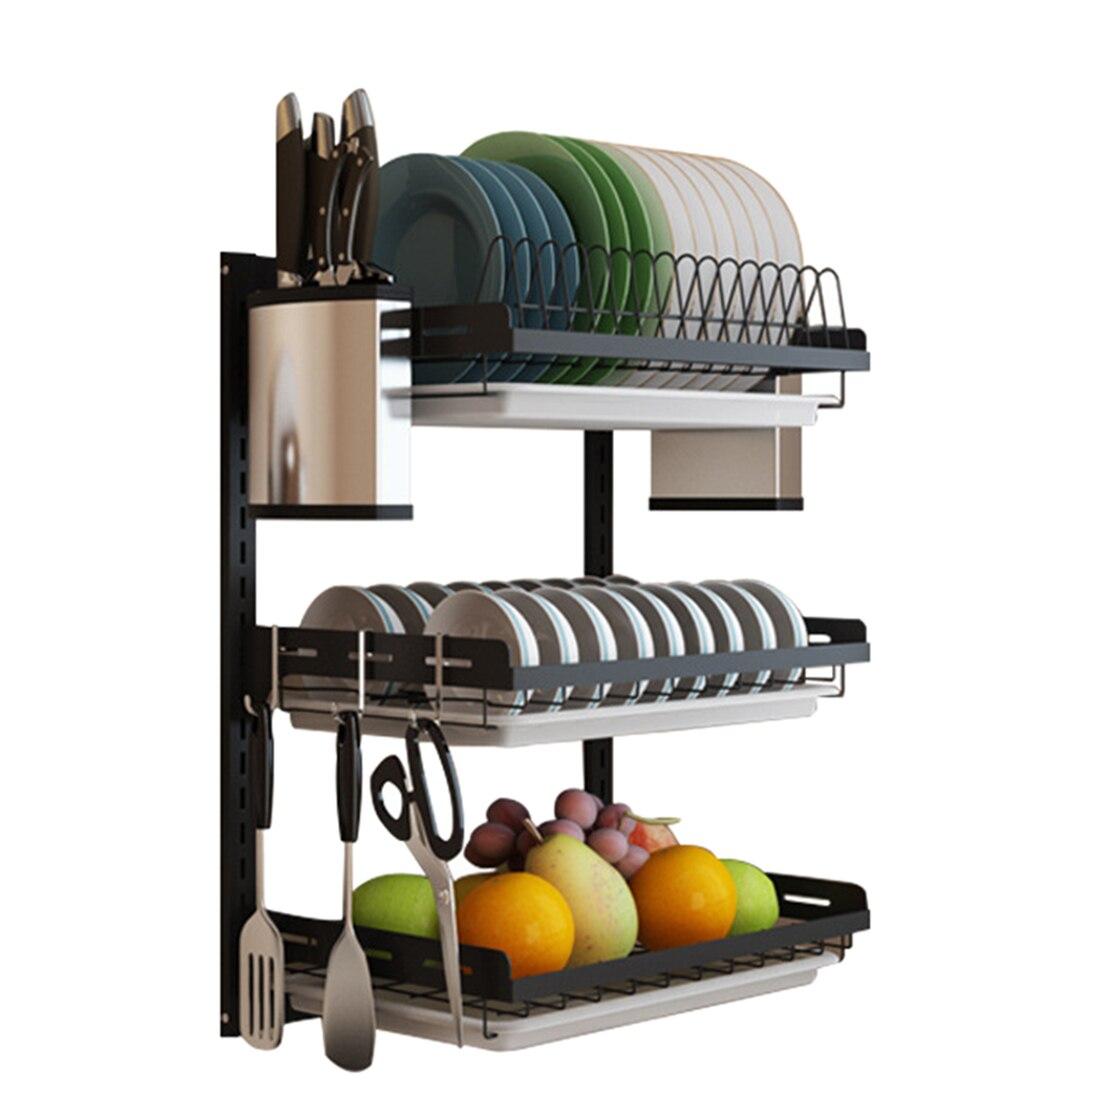 3 niveaux/2 niveaux en acier inoxydable réglable mural bol égouttoir suspendu séchage plat étagère de rangement ensemble cuisine organisateur